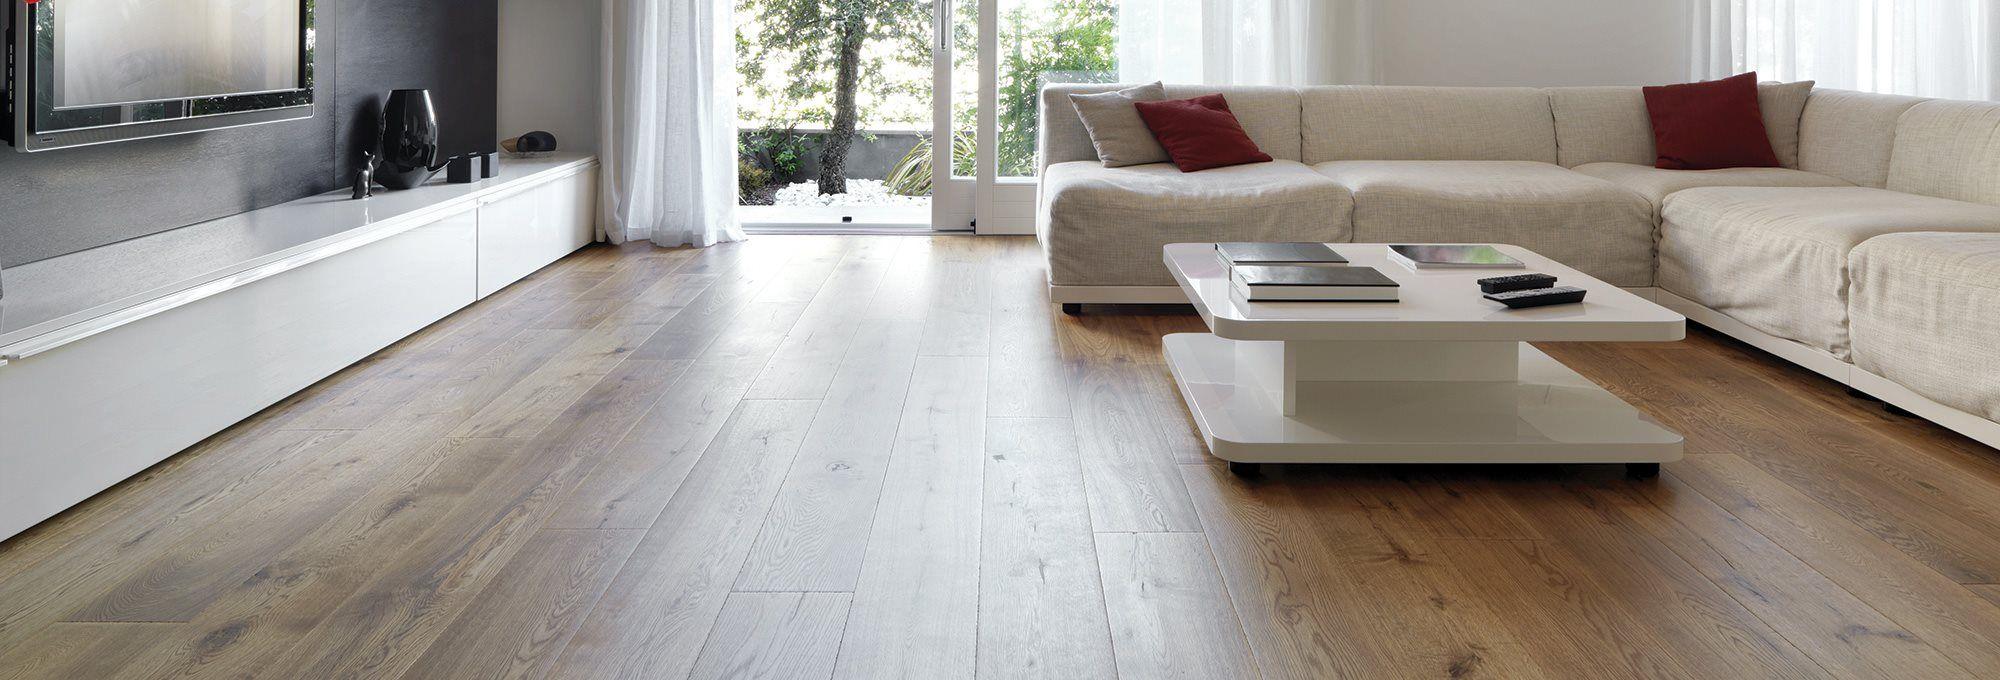 Pin von Floor Sanding Wickford auf Our floors | Pinterest